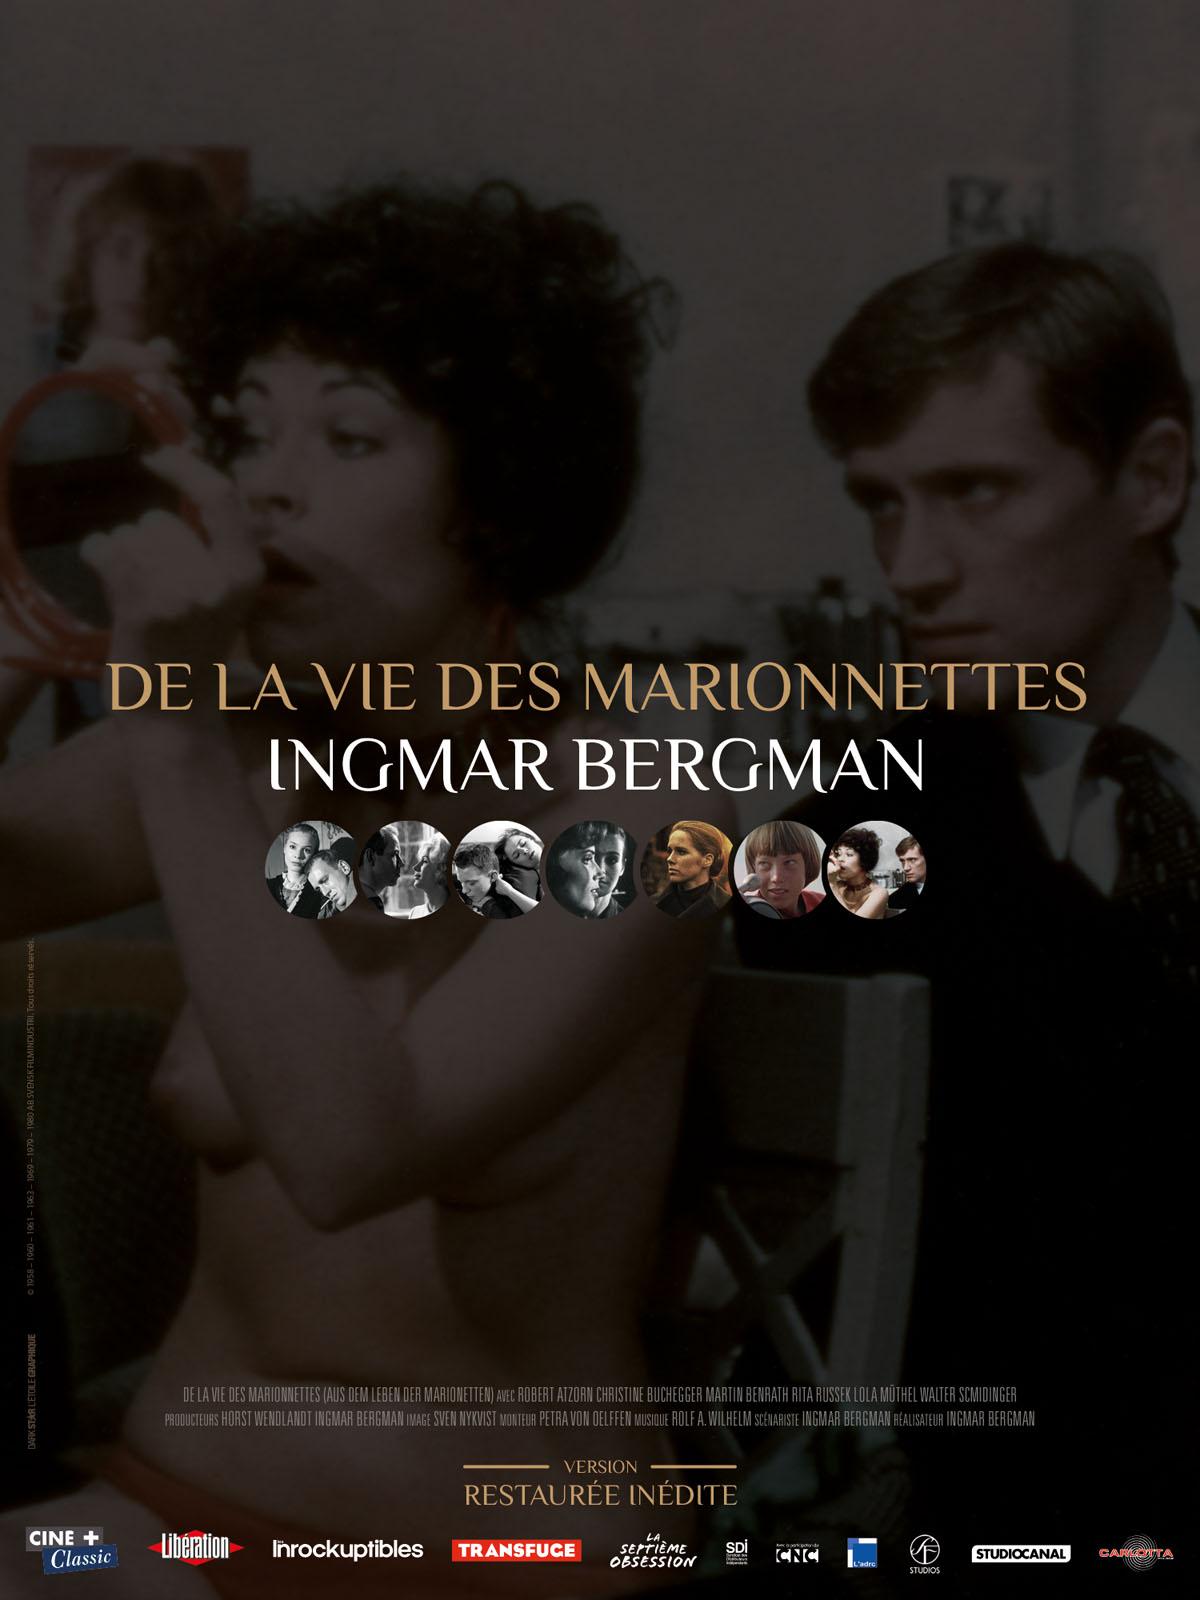 Image du film De la vie des marionnettes